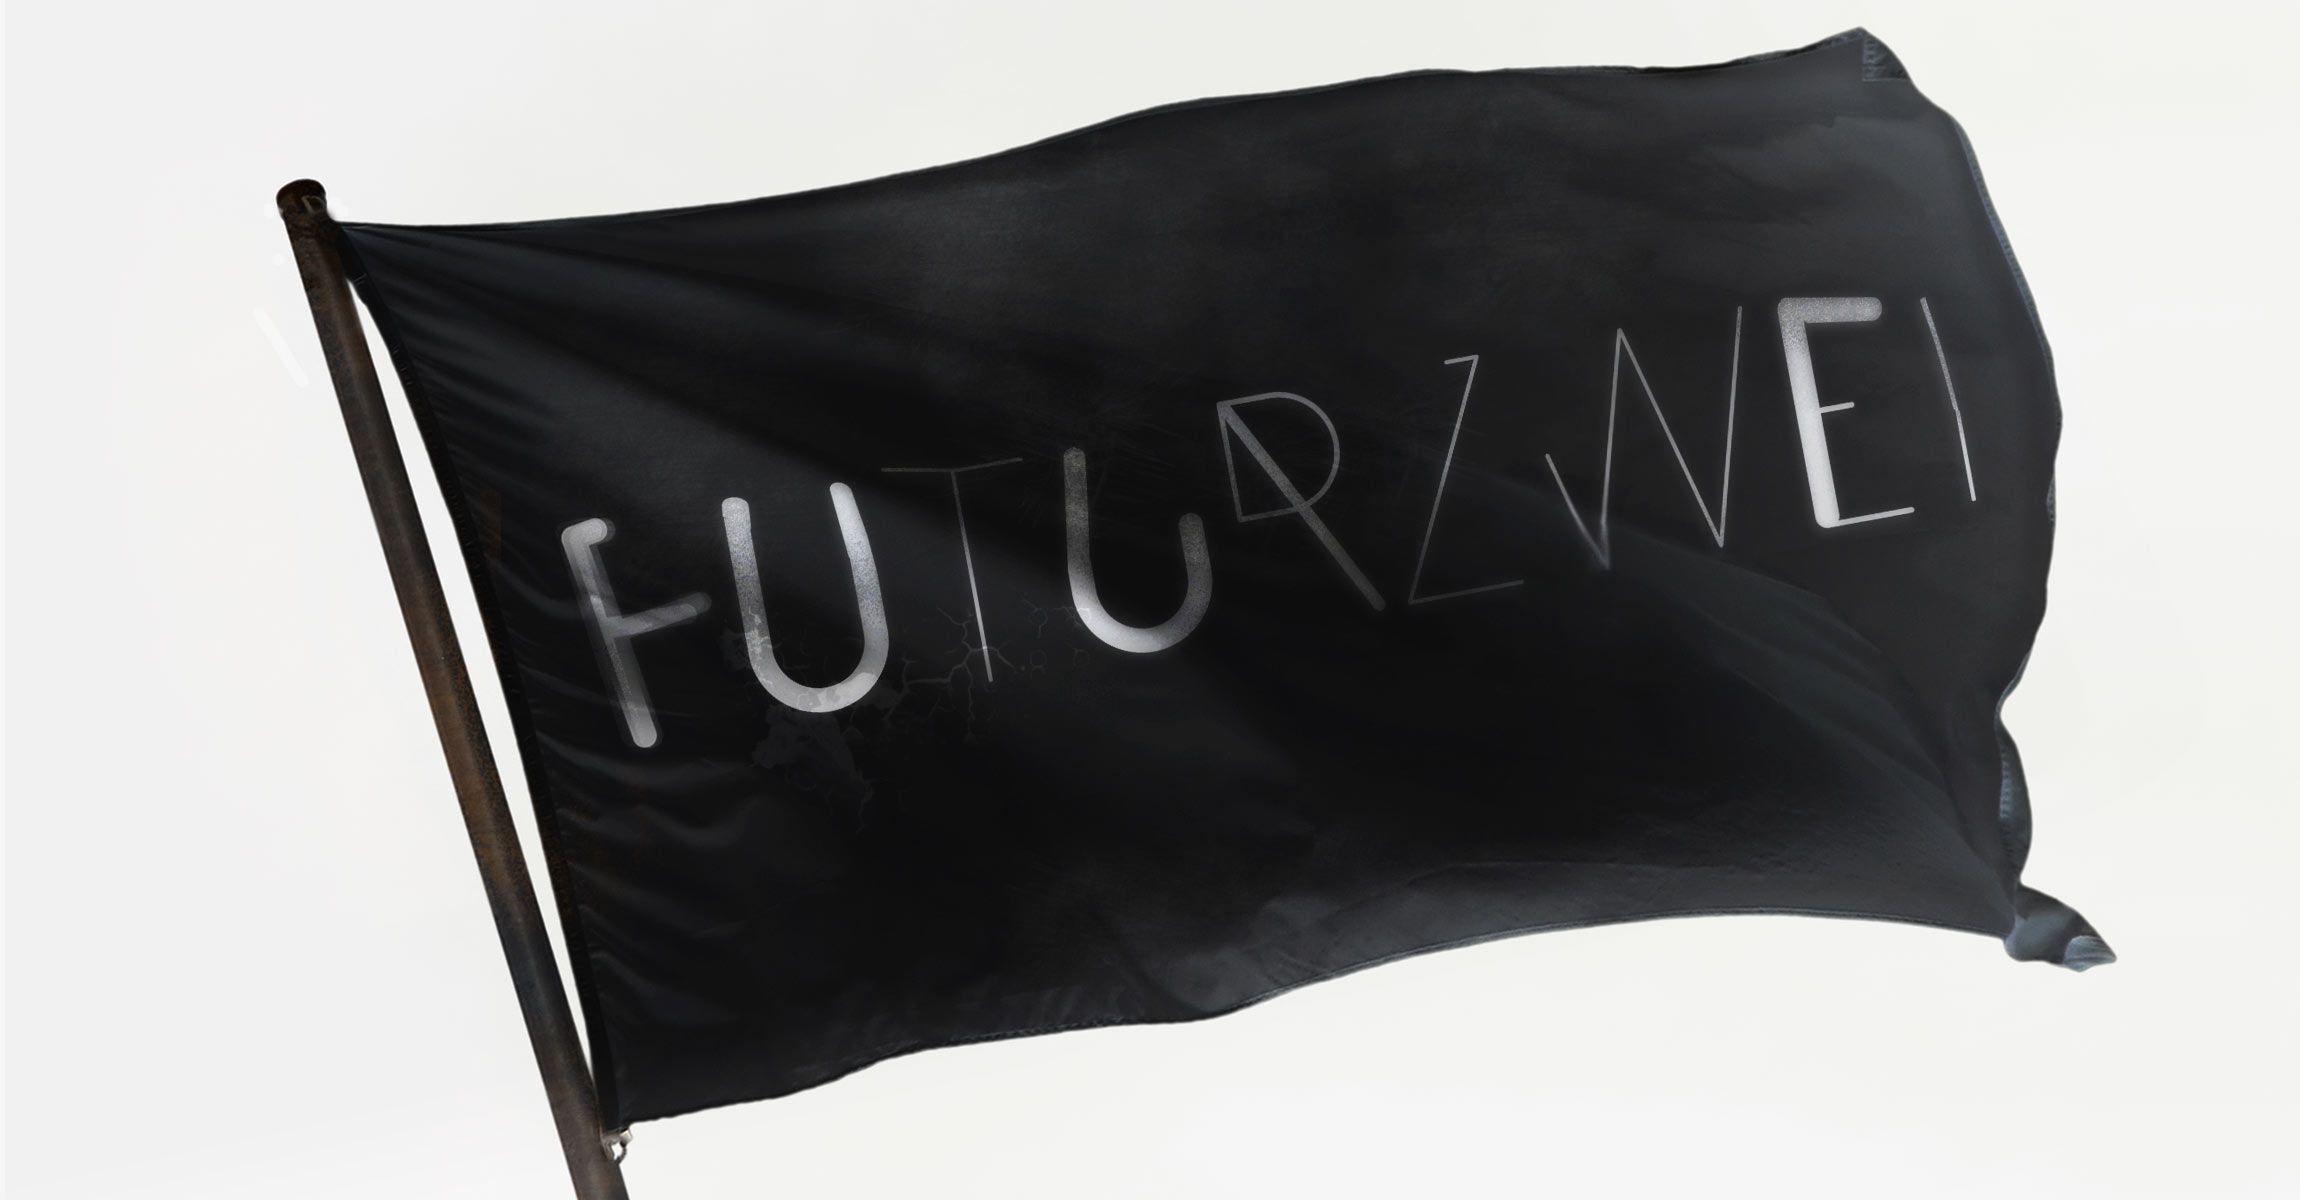 FUTURZWEI – Stiftung Zukunftsfähigkeit